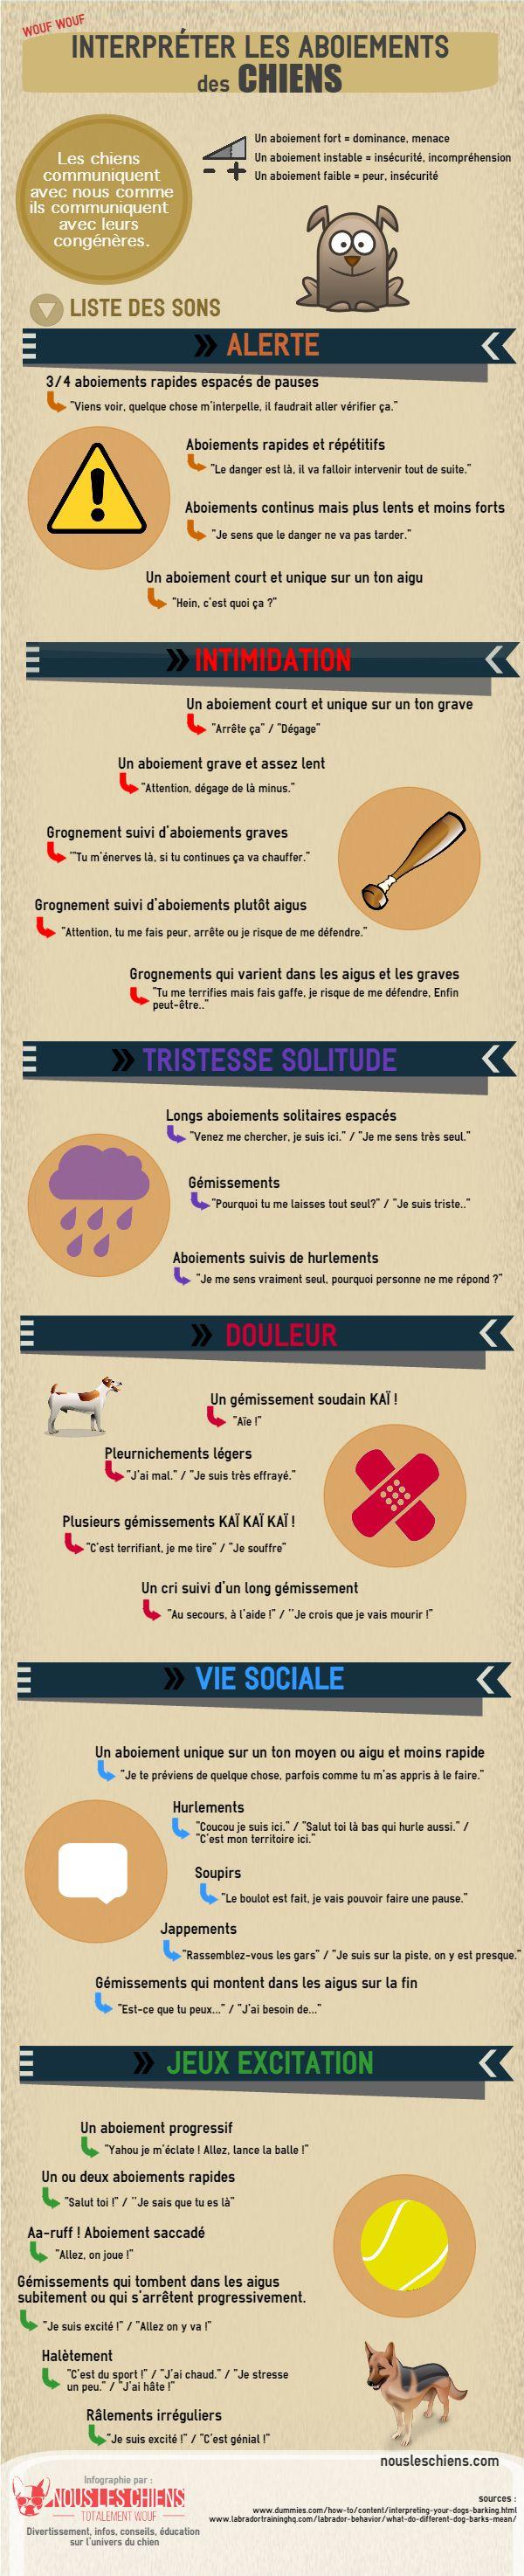 Infographie : Interpréter les aboiements des chiens - Nous les chiens